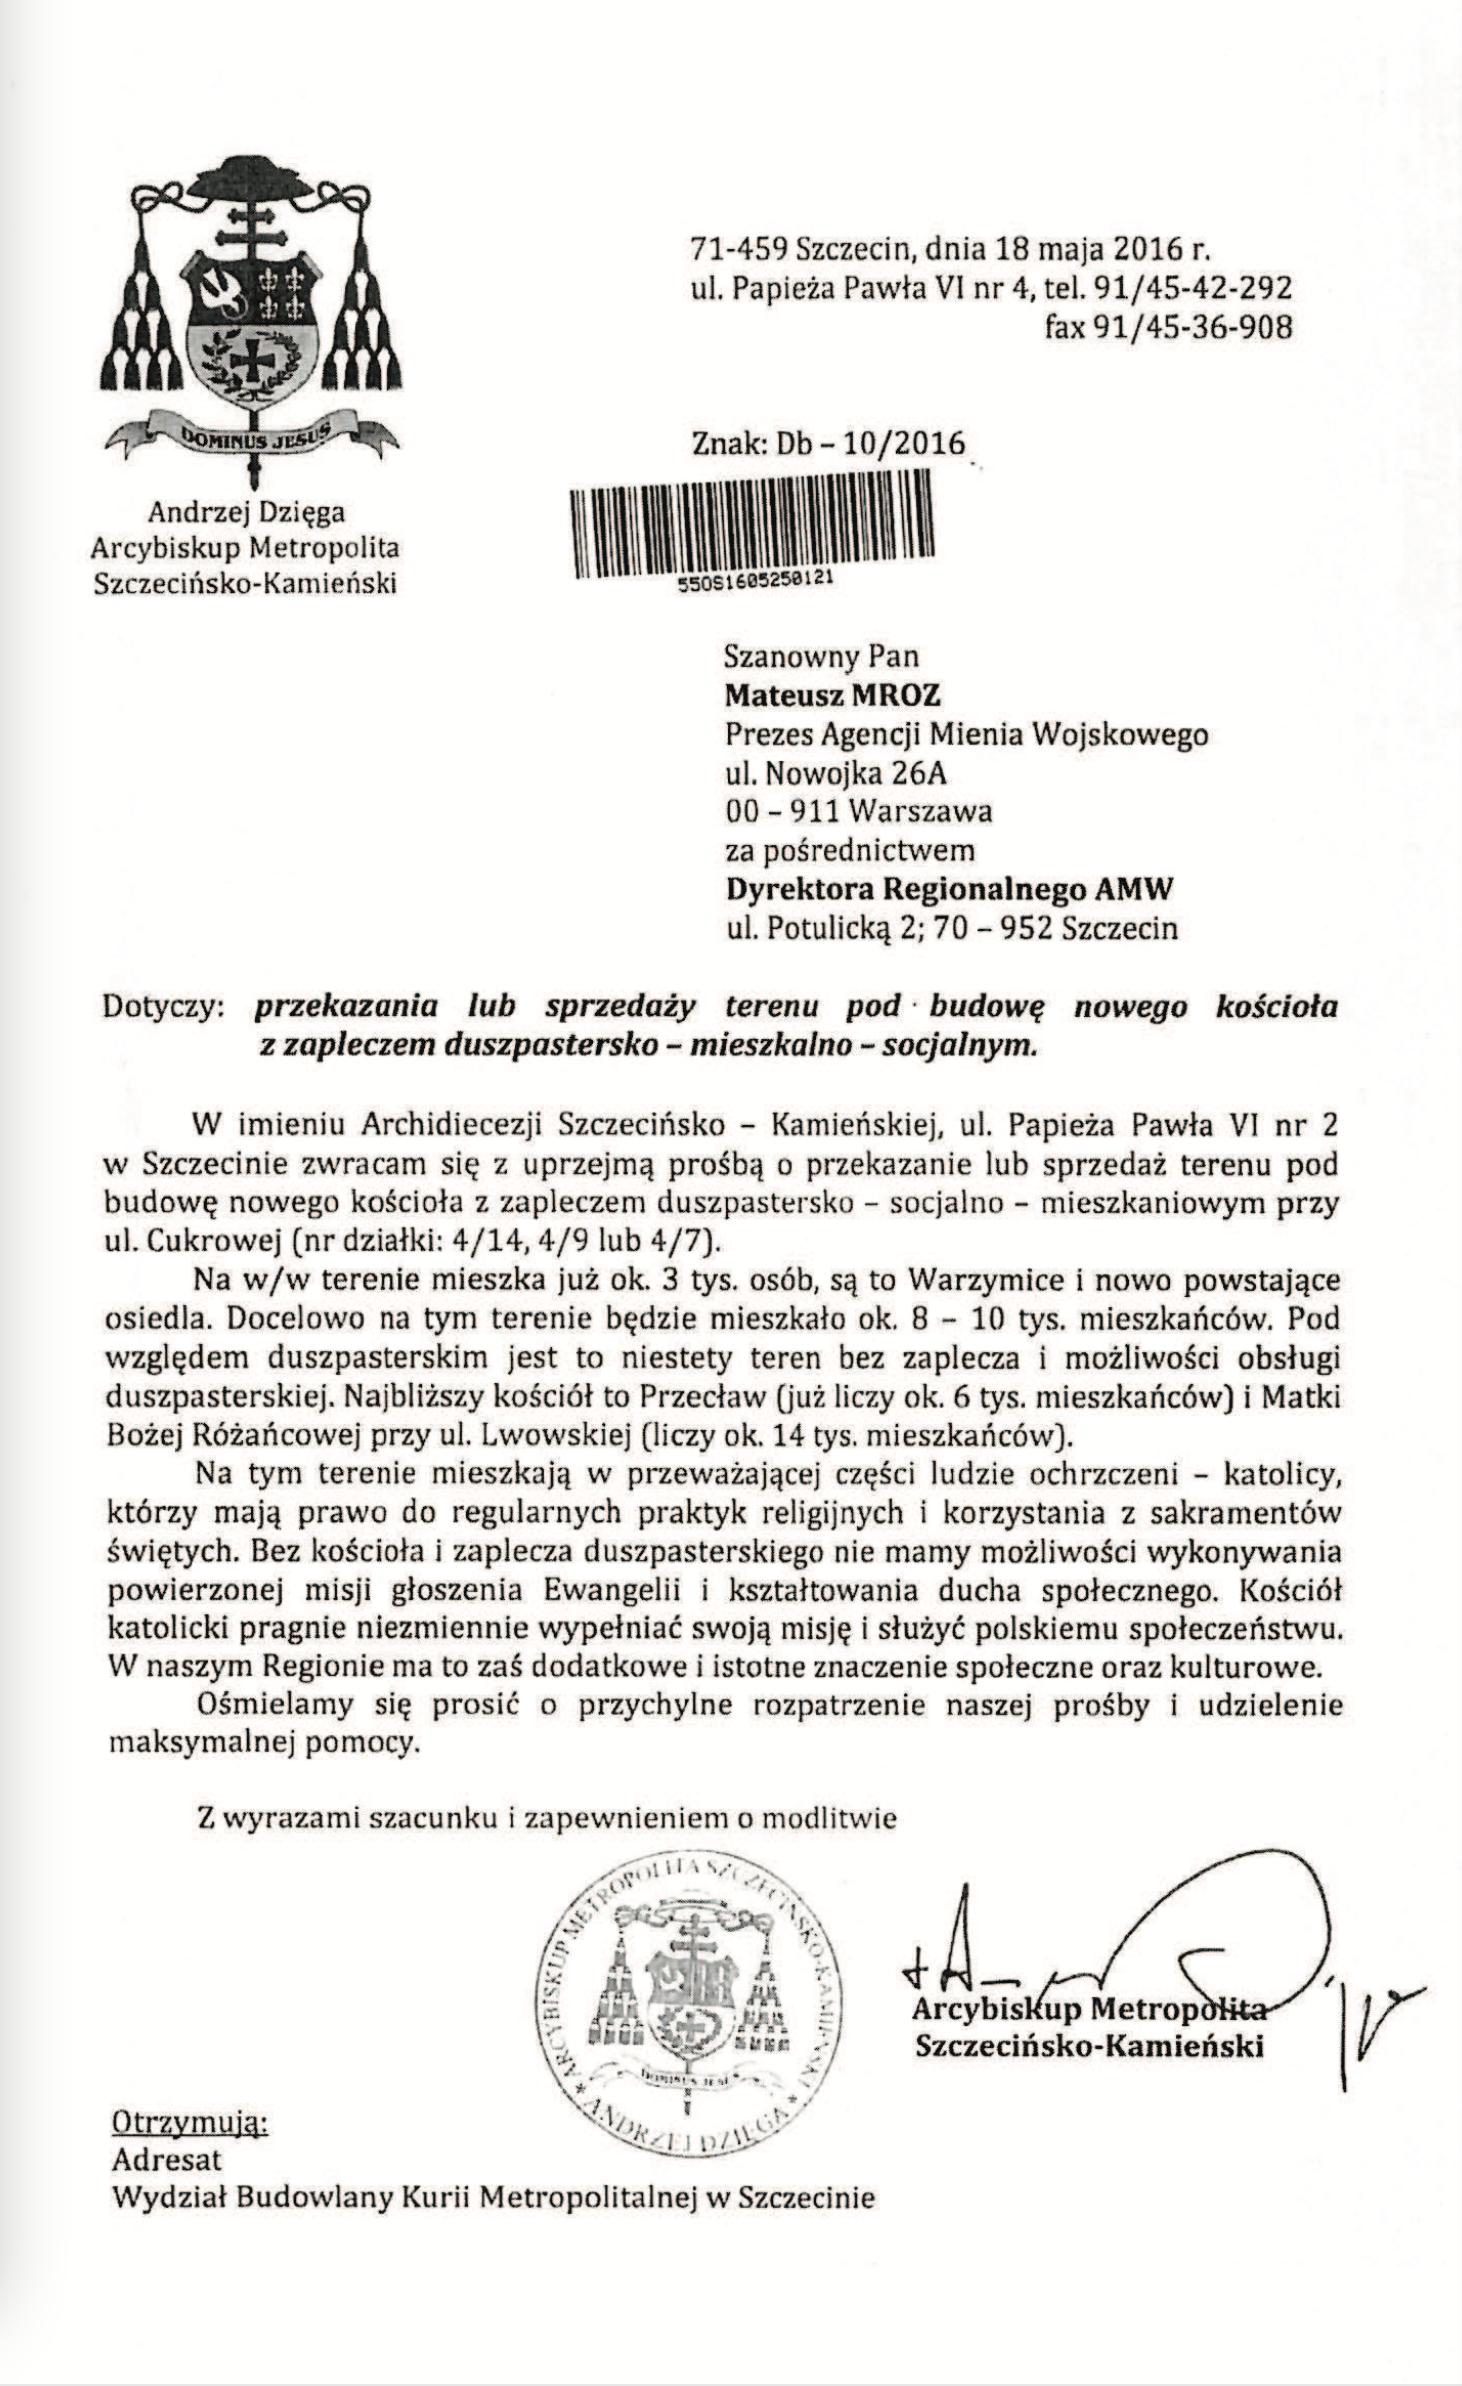 Abp Andrzej Dzięga pisze do Agencji Mienia Wojskowego ws. działki pod kościół.